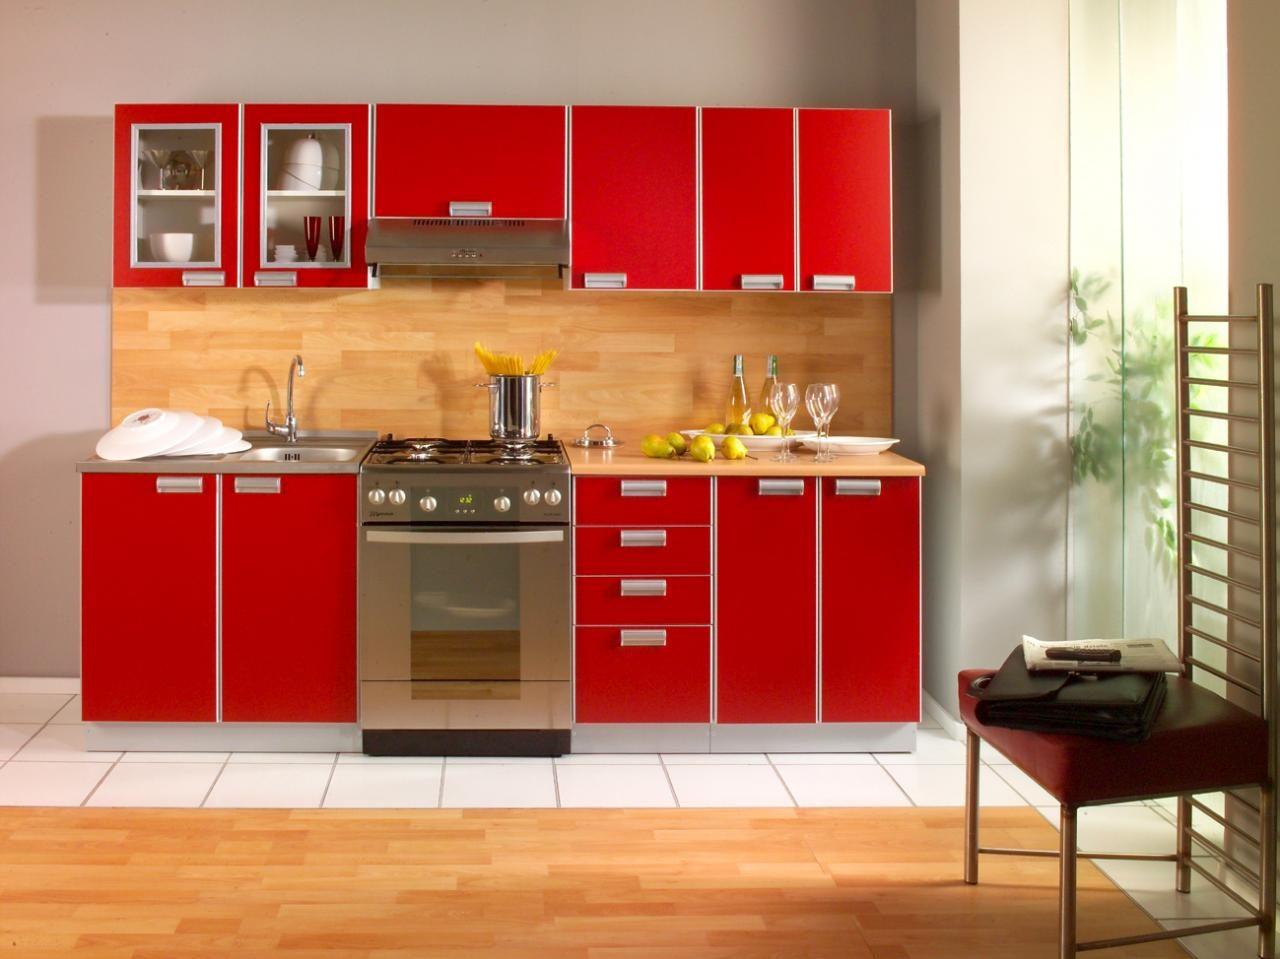 Mobiliario de cocina rojo :: Imágenes y fotos